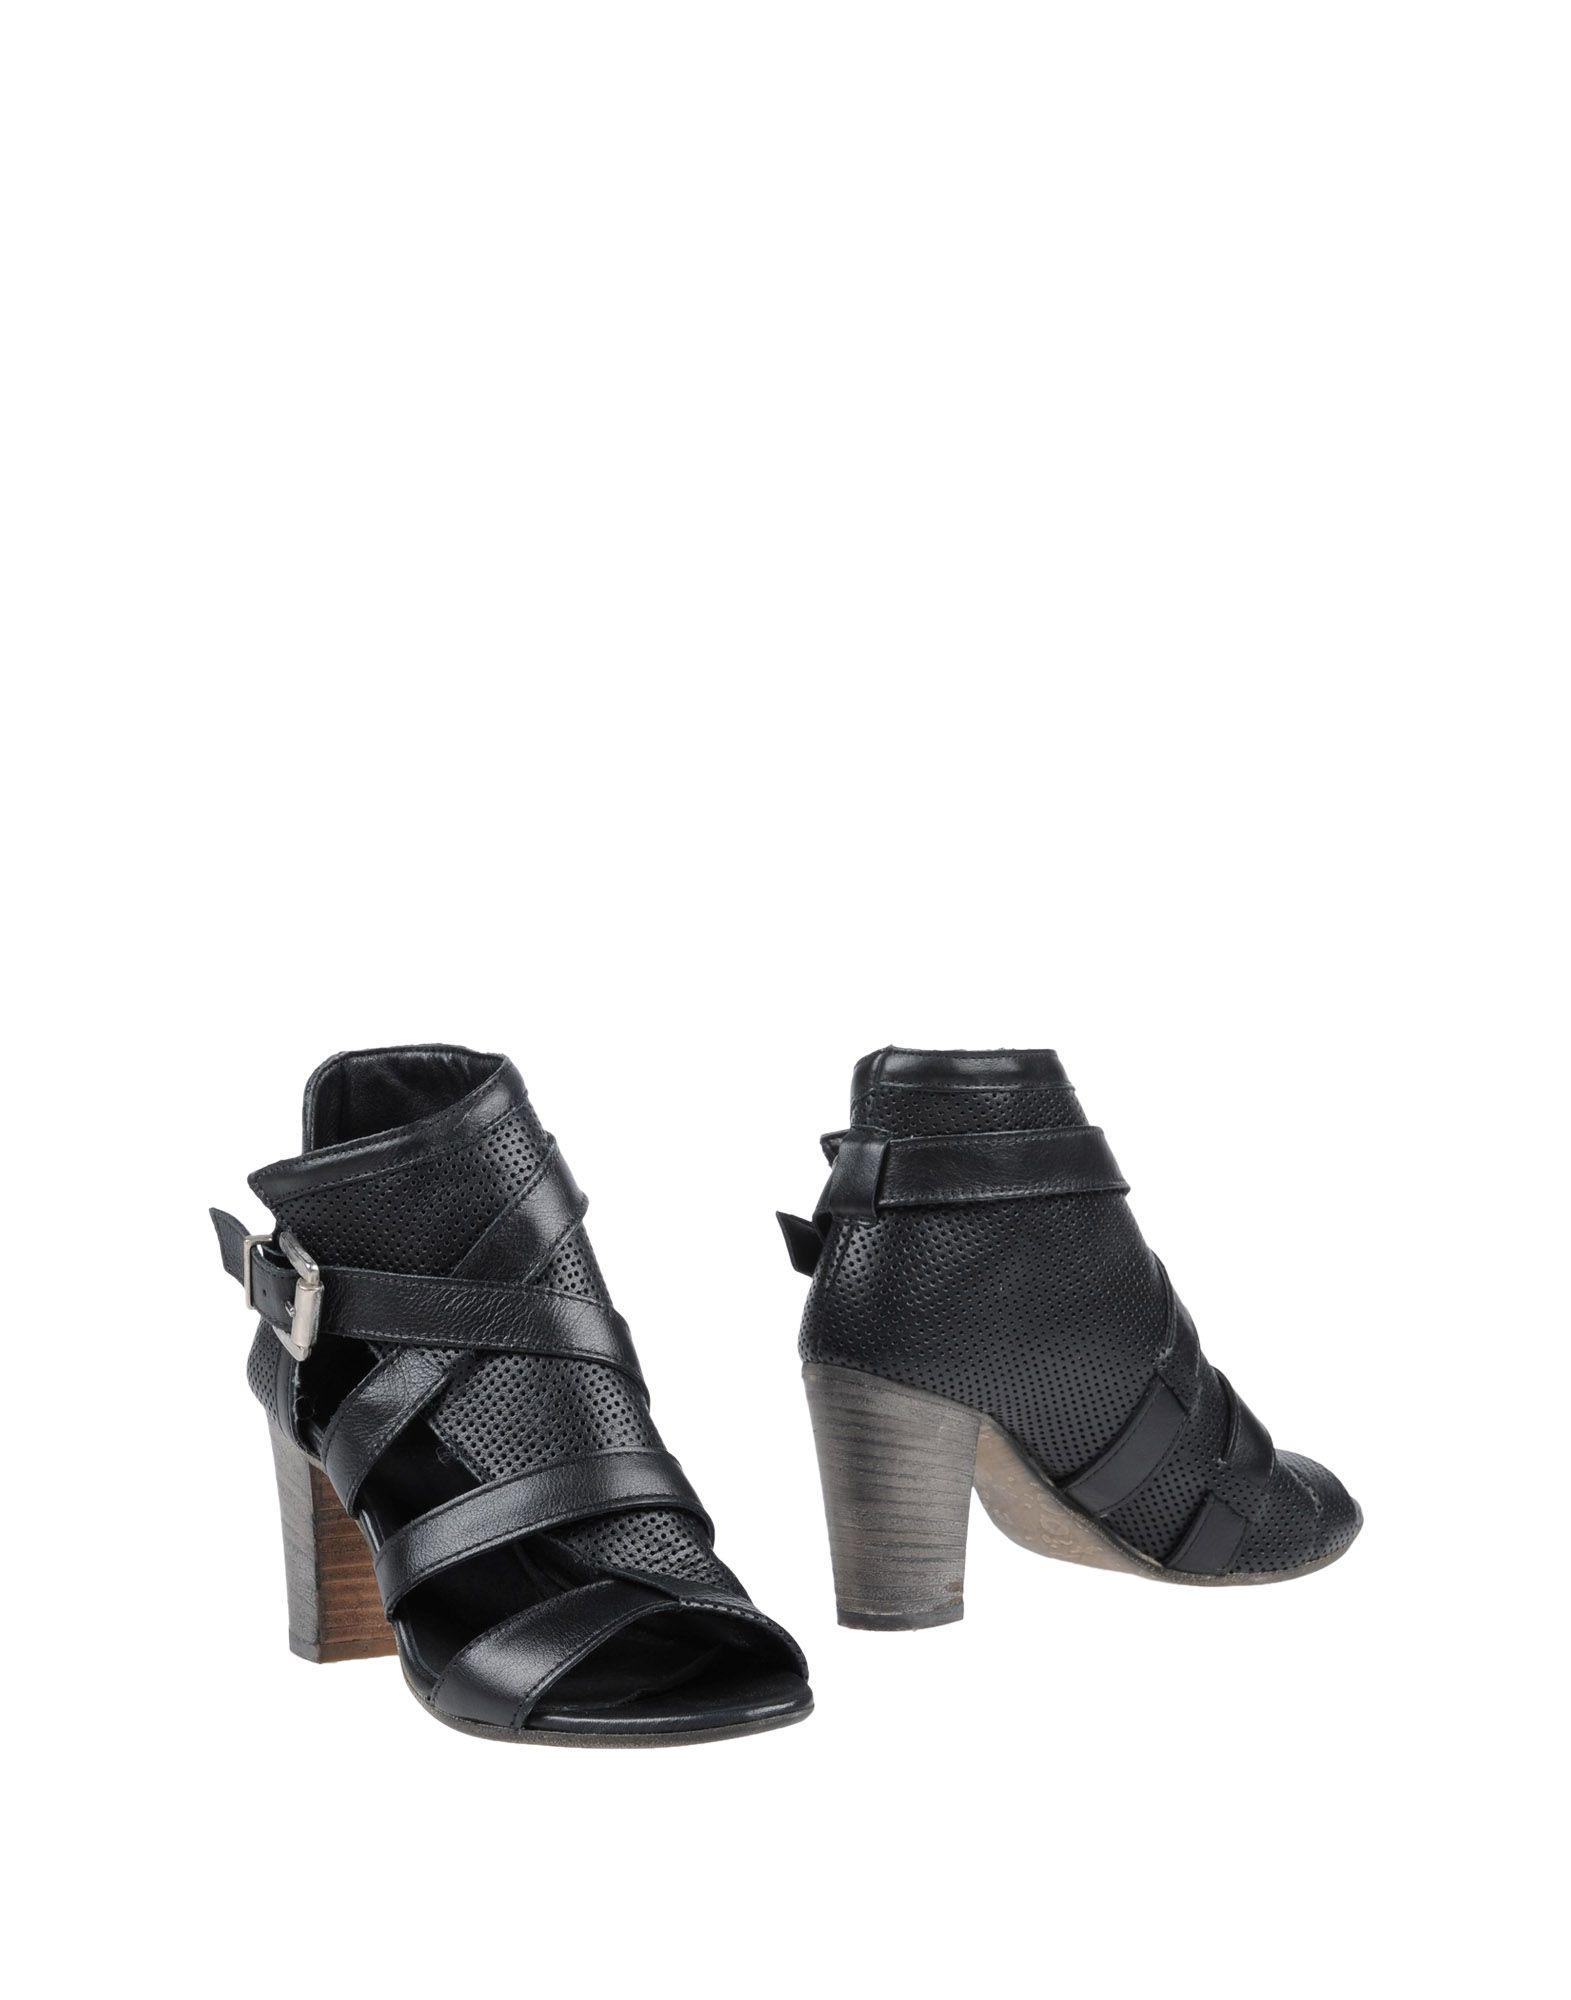 COSTUME NOIR Полусапоги и высокие ботинки футболка supremebeing pantera noir ss14 black 8901 xl